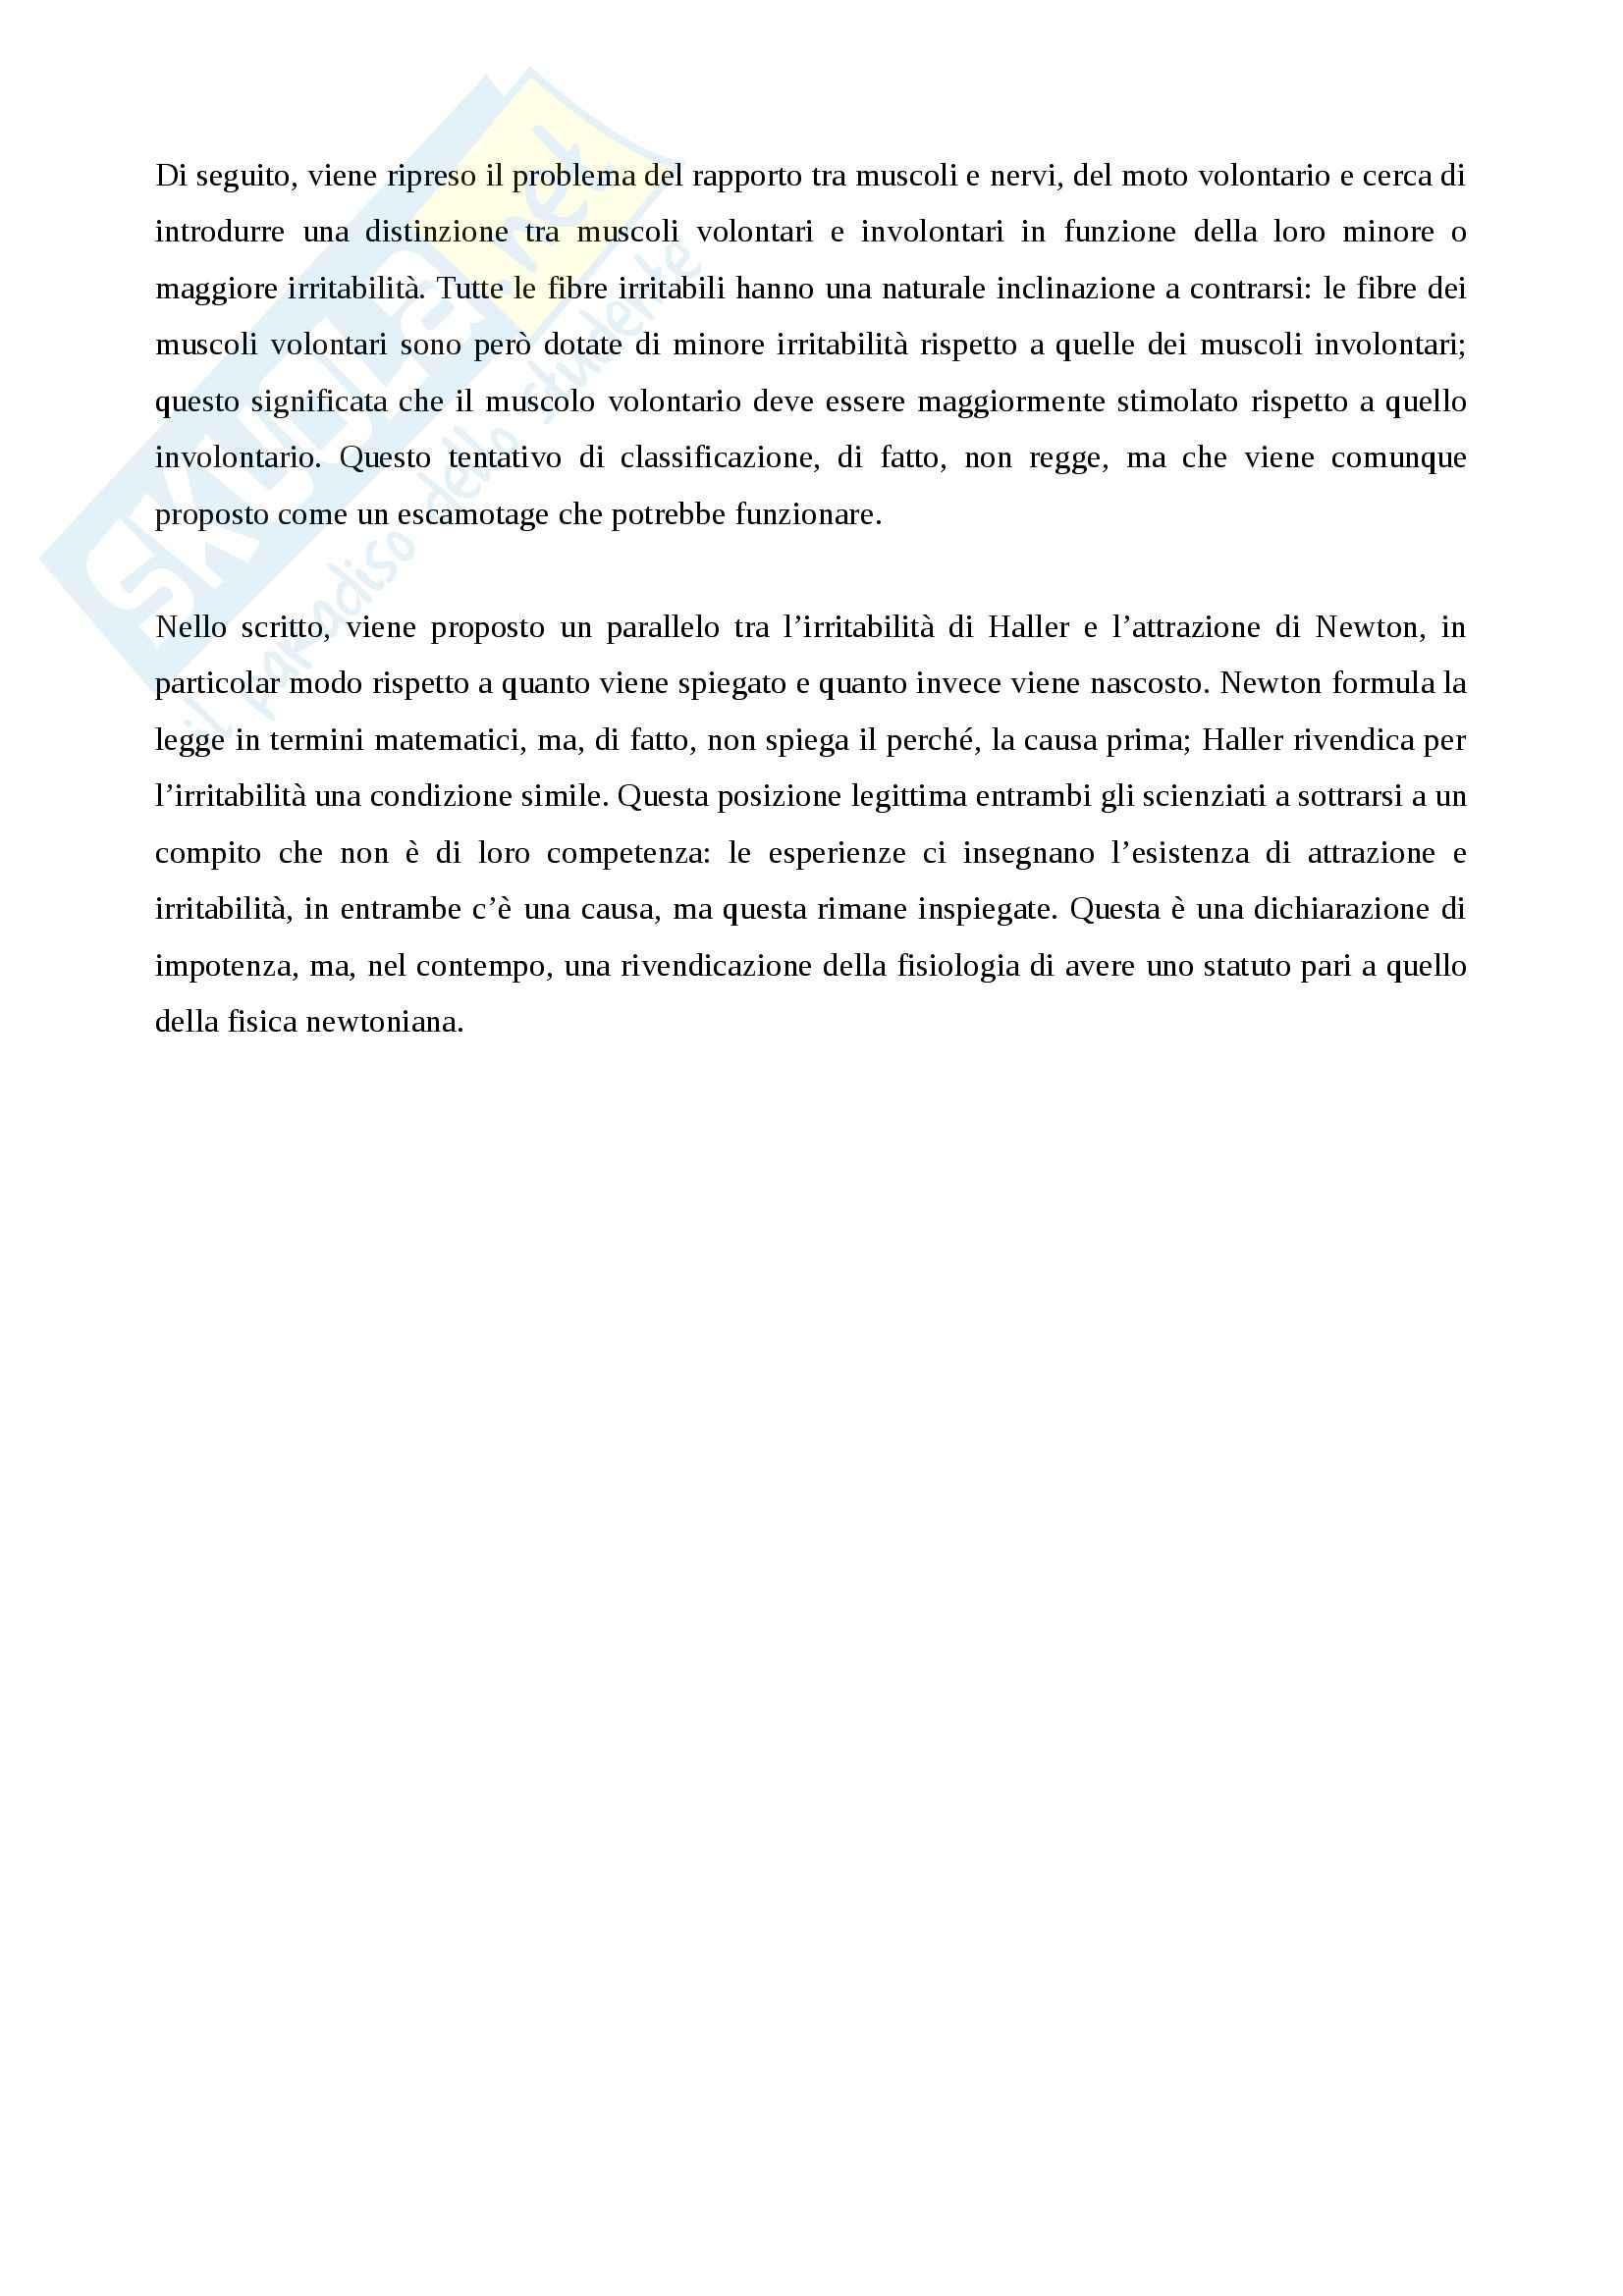 Riassunto esame storia della scienza, prof. Monti per esame di storia della scienza dell'età moderna nascita della fisiologia e meccanicismo Pag. 26